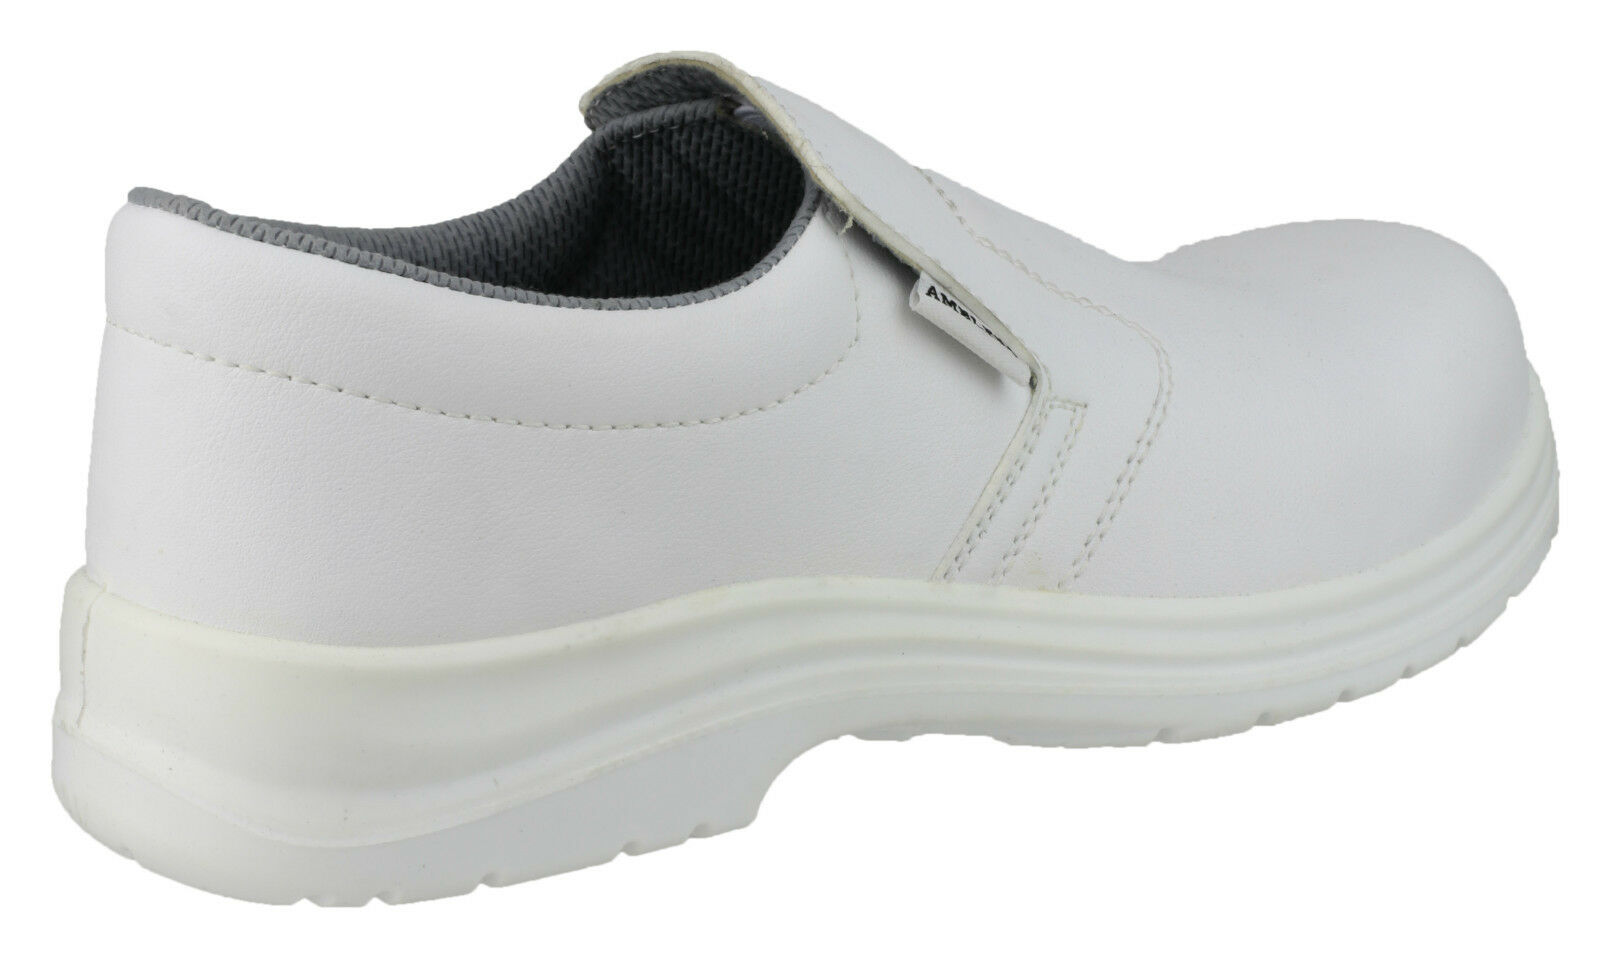 Amblers FS510 Safety  Uomo Unisex Slip On Toe UK3-12 Cap Industrial Work Schuhes UK3-12 Toe 228972